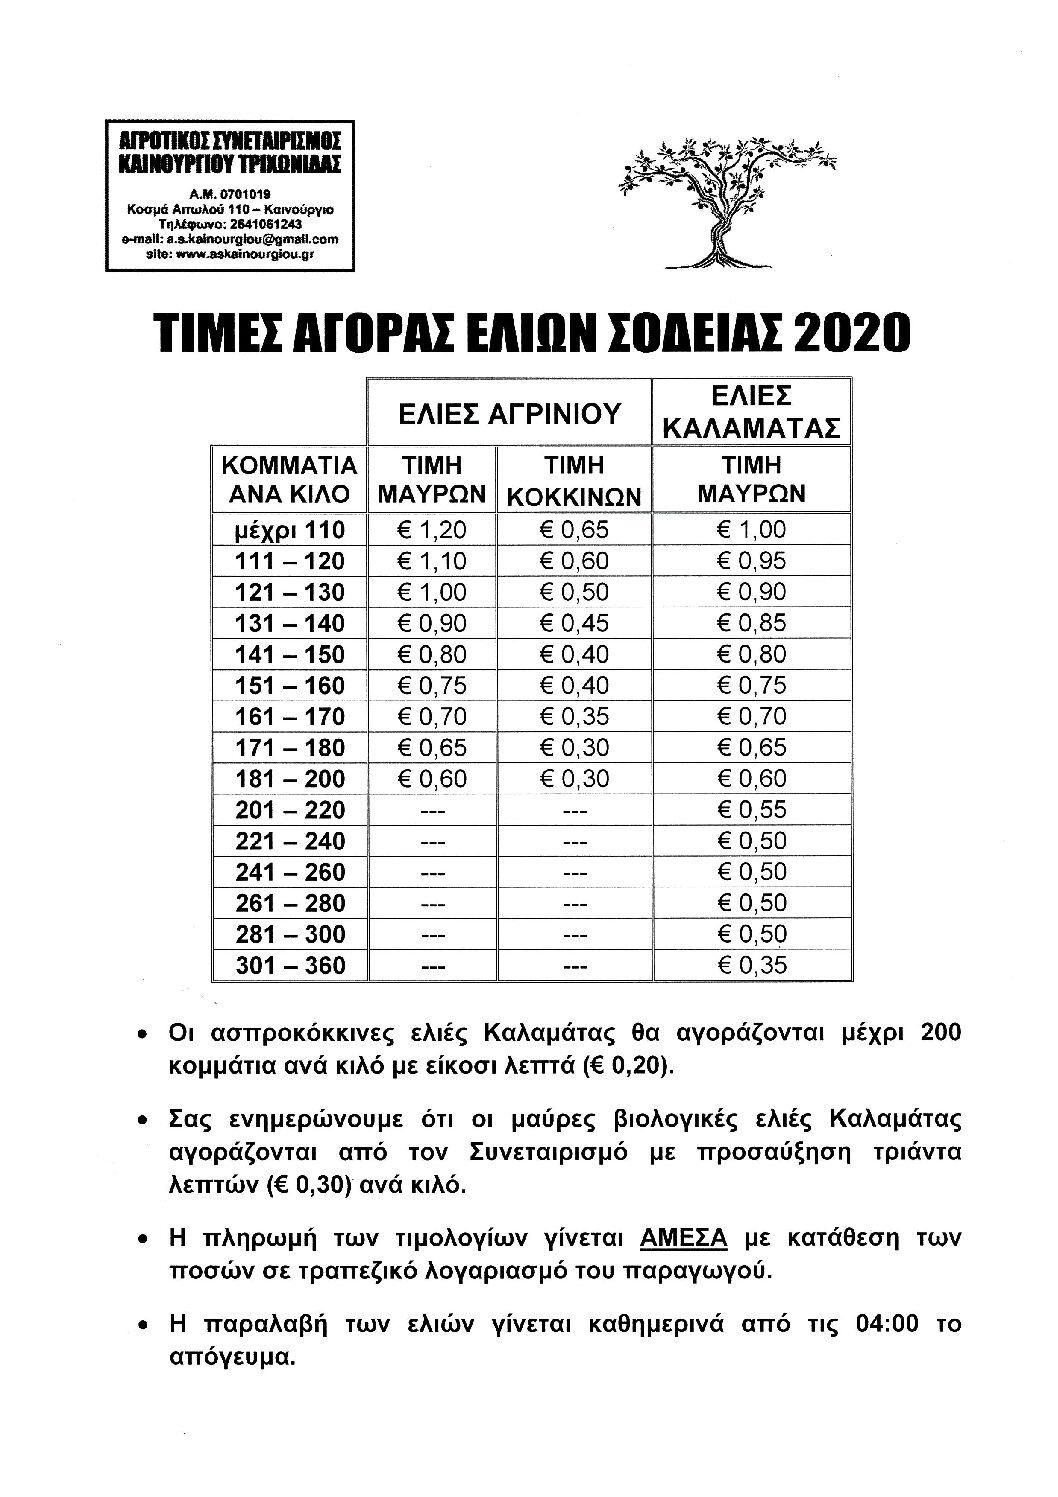 ΤΙΜΕΣ ΕΛΙΩΝ ΣΟΔΕΙΑΣ 2020